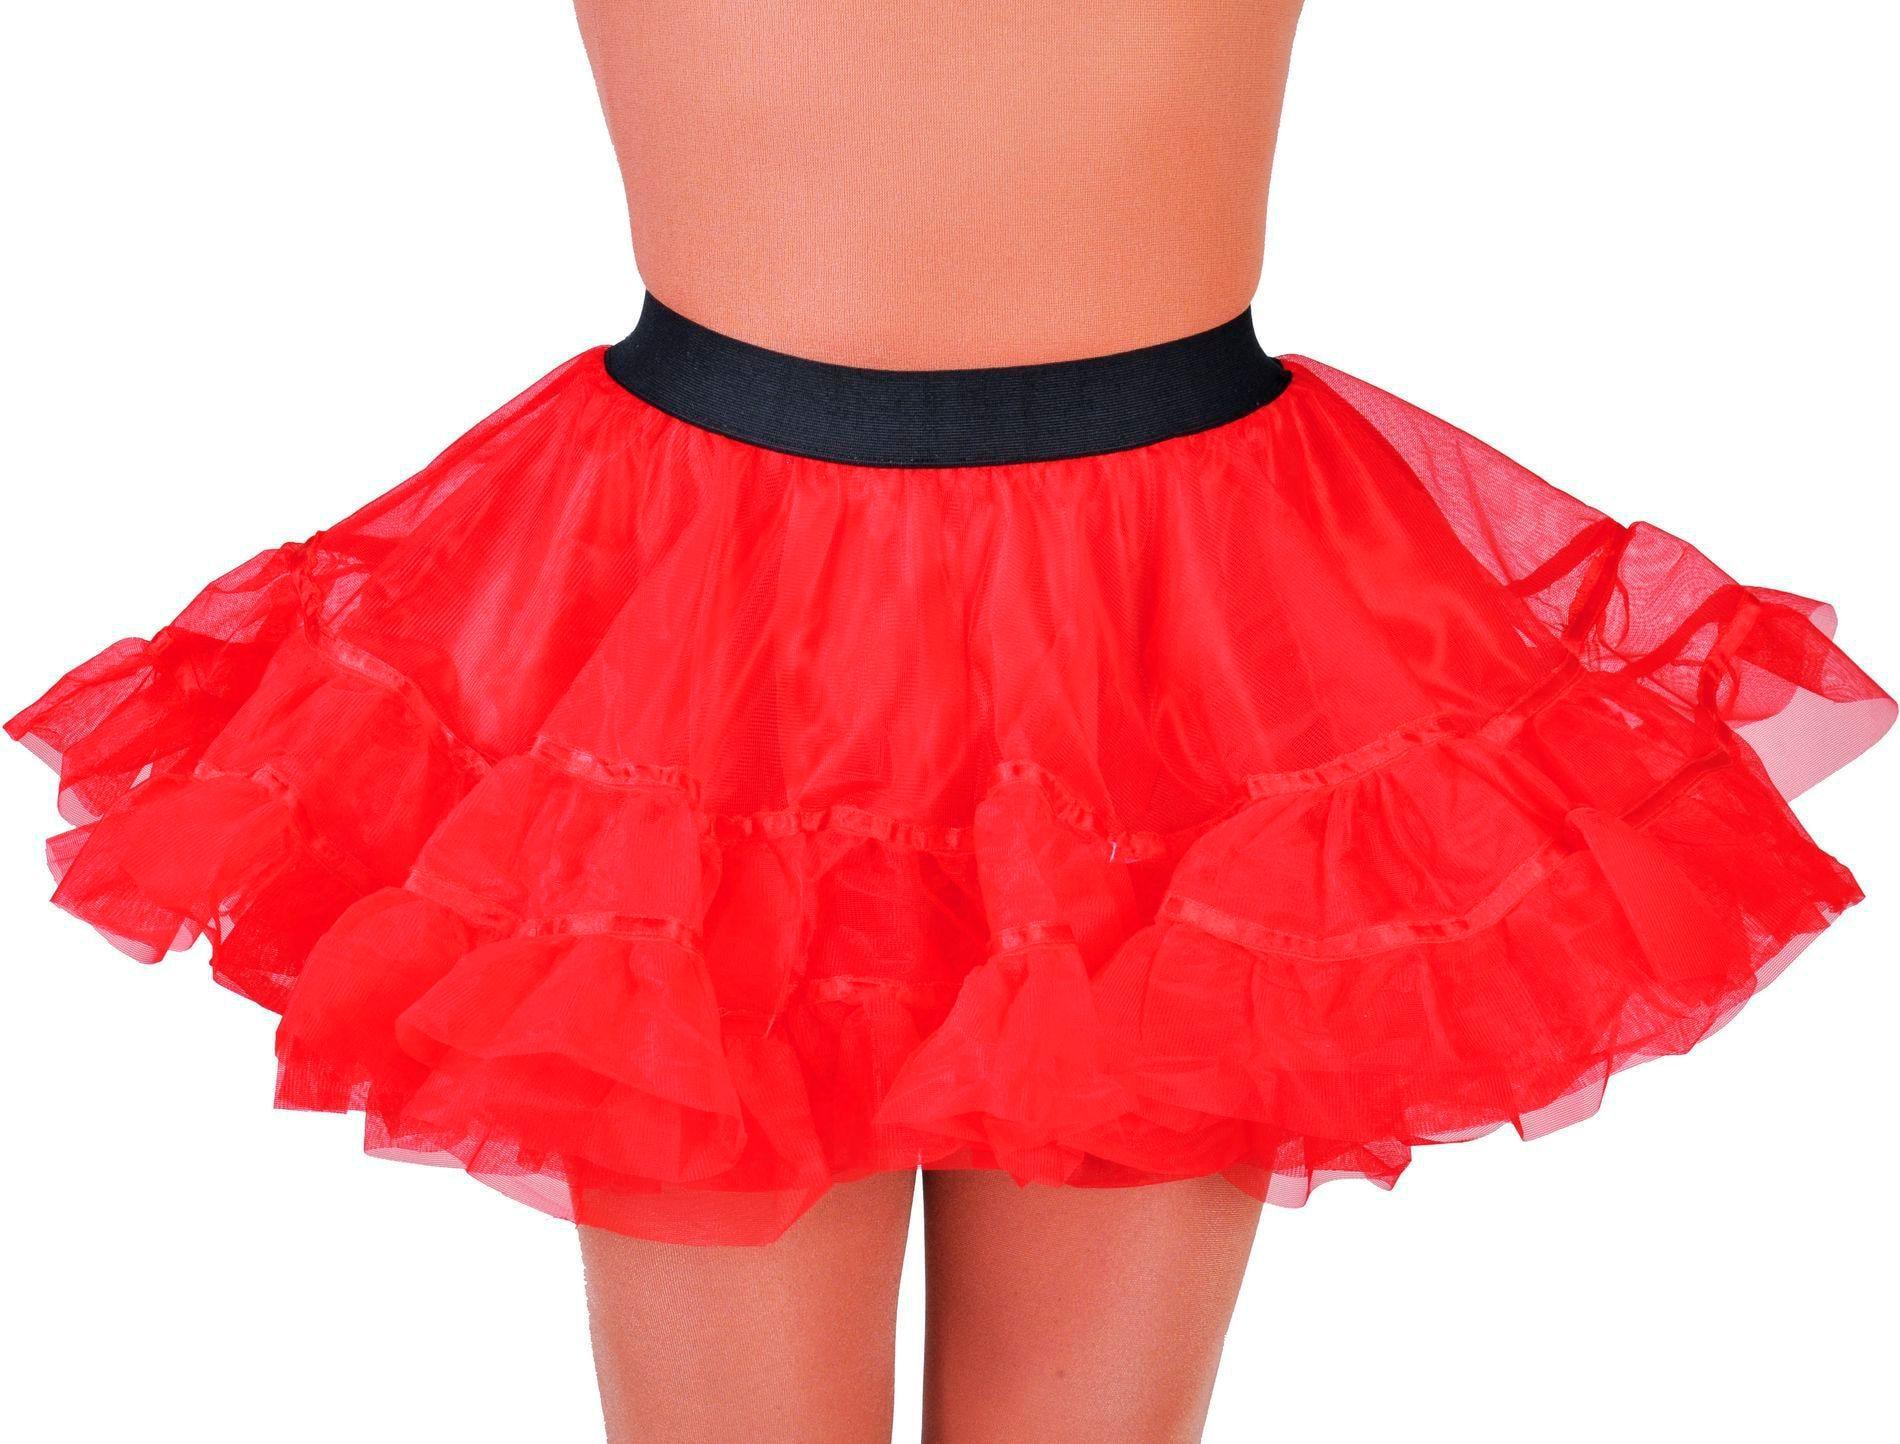 Rode petticoat vrouwen